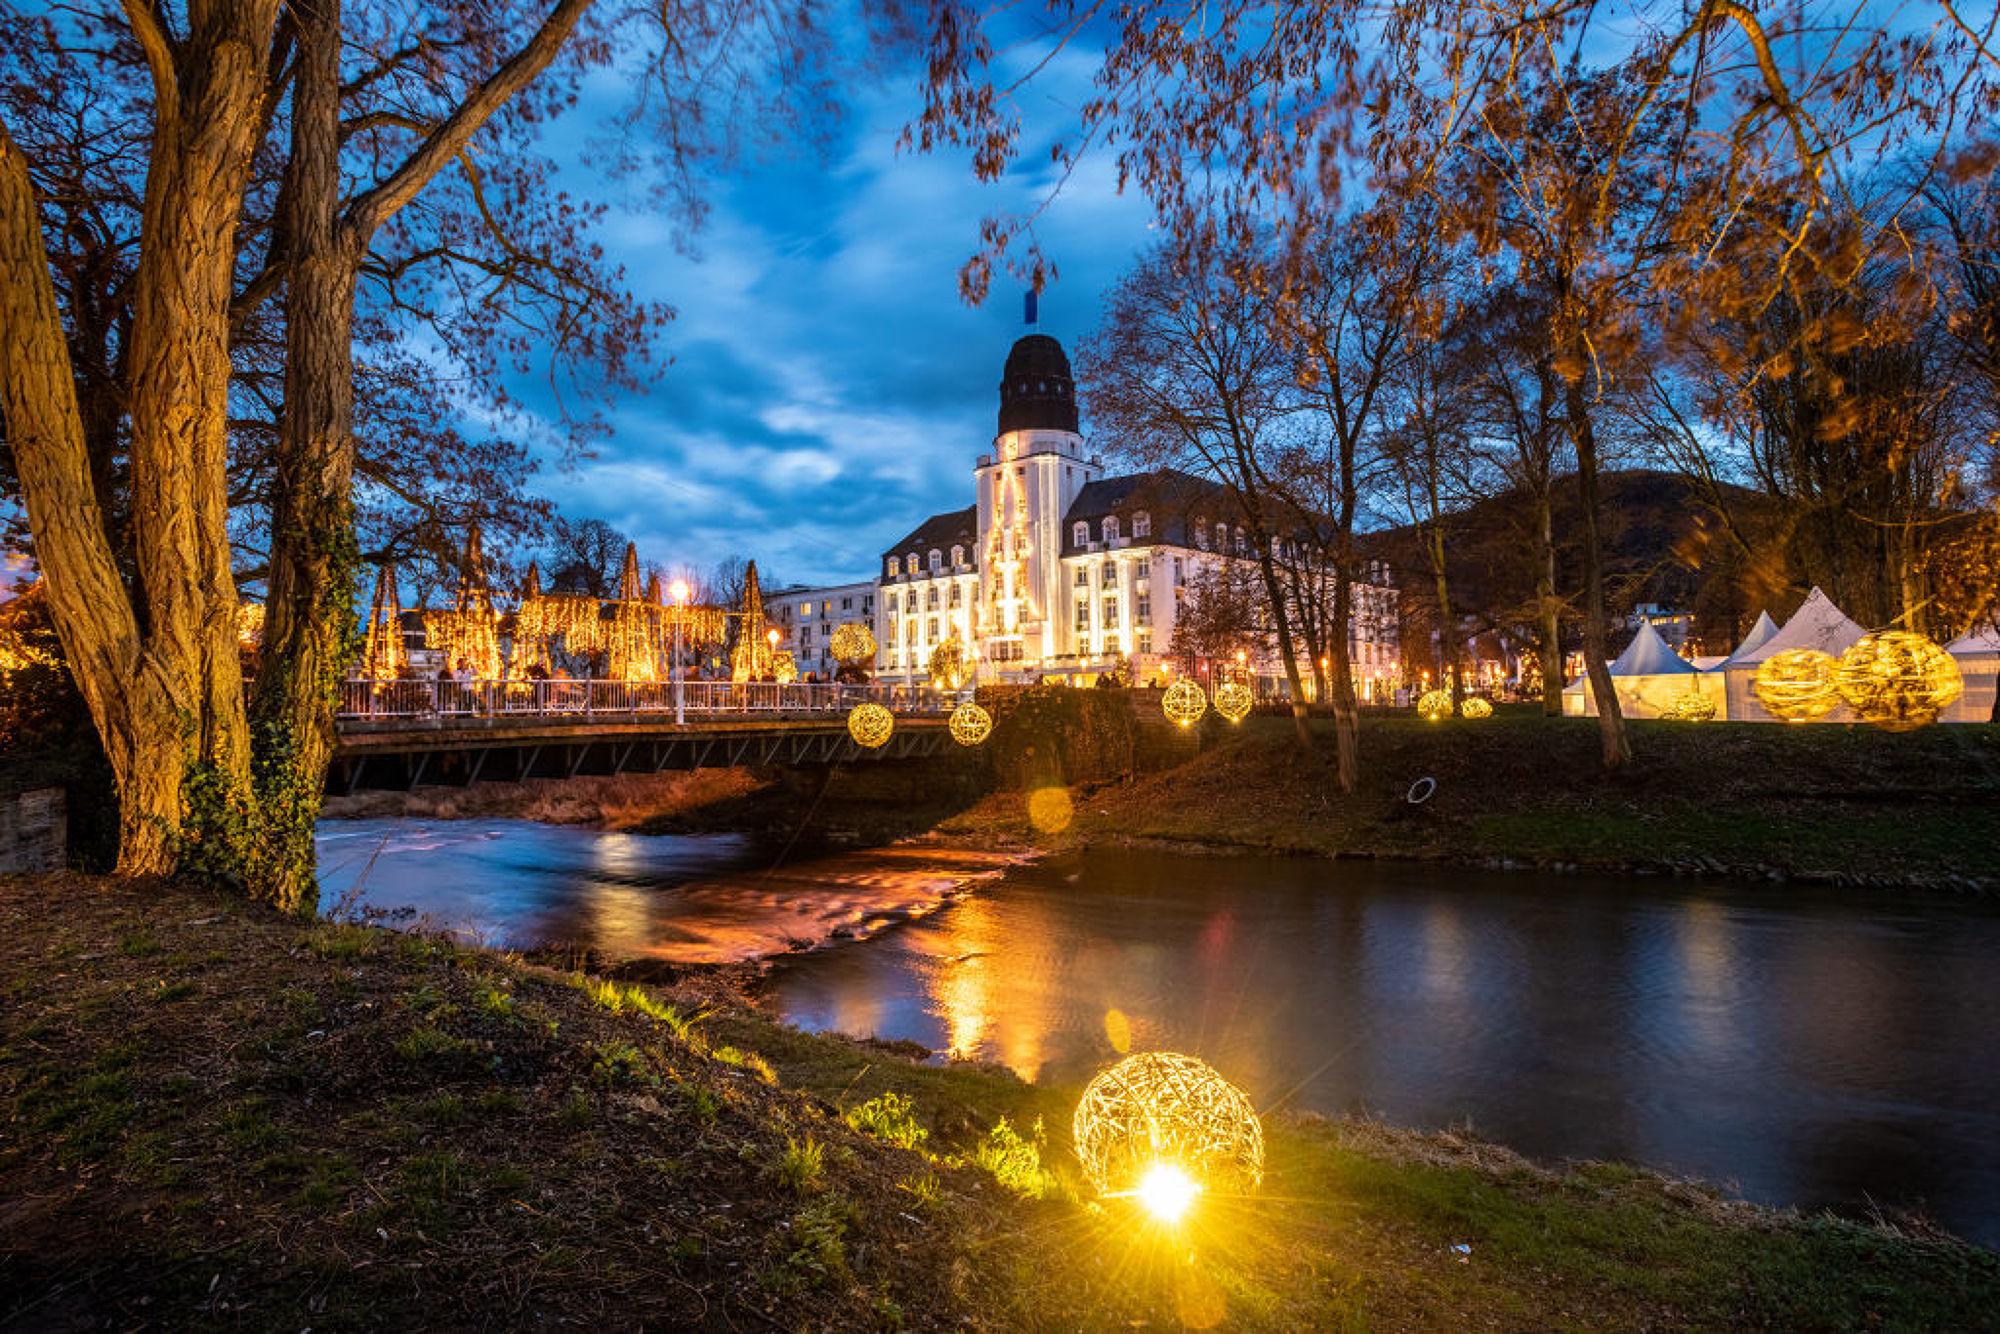 Der Kurpark von Bad Neuenahr strahlt zur Weihnachtszeit in einem bezaubernden Glanz, Ahrtal